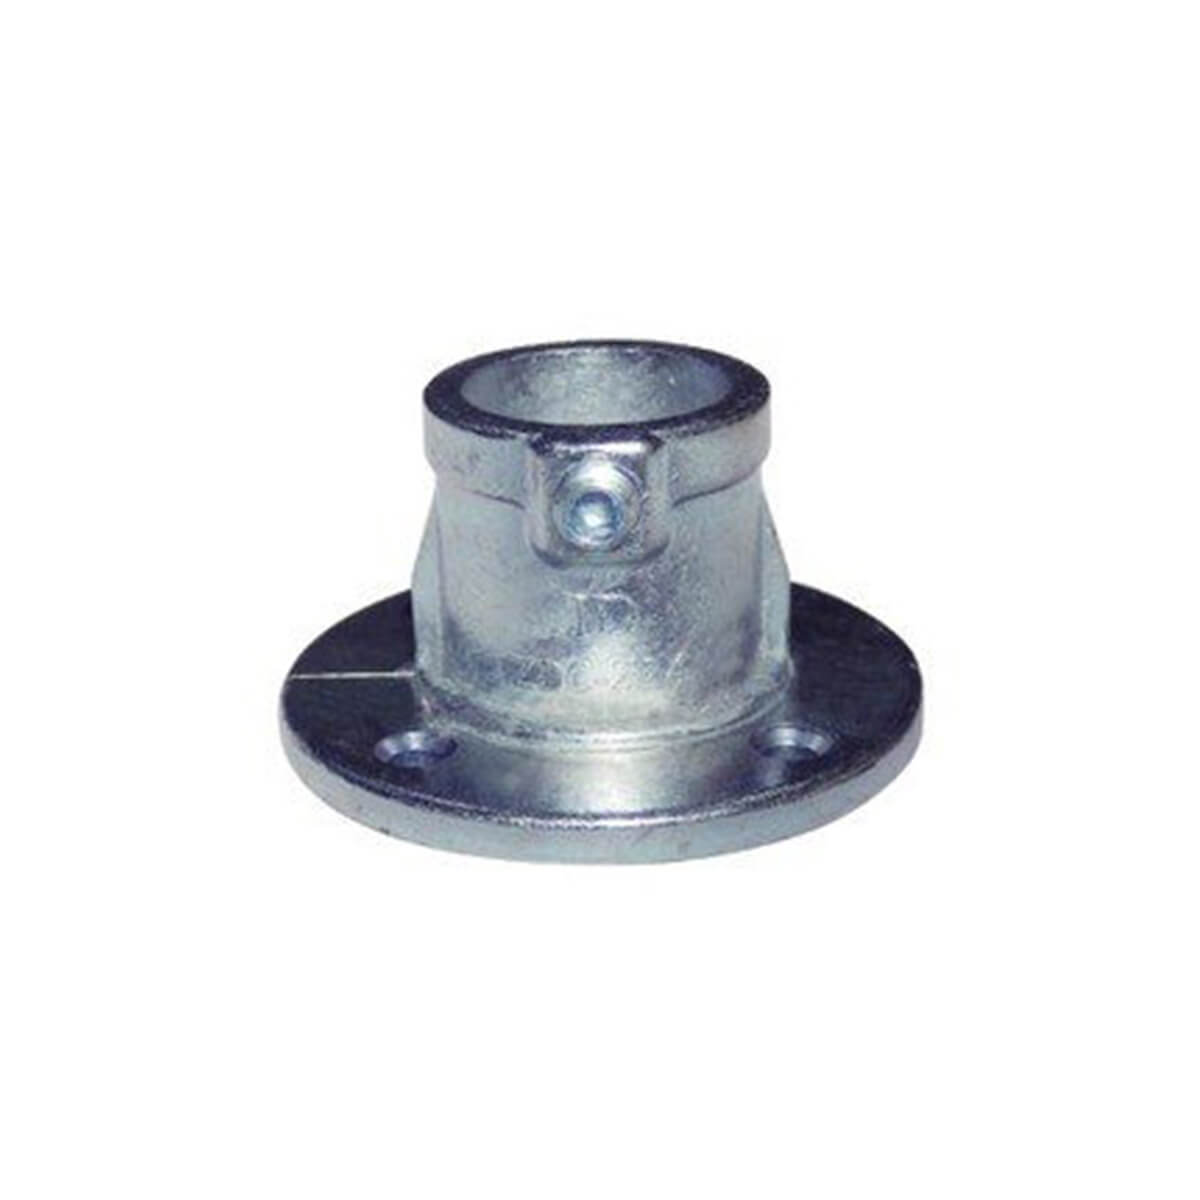 パイプクランパー ベース シルバー Φ25.4 DIY-ID